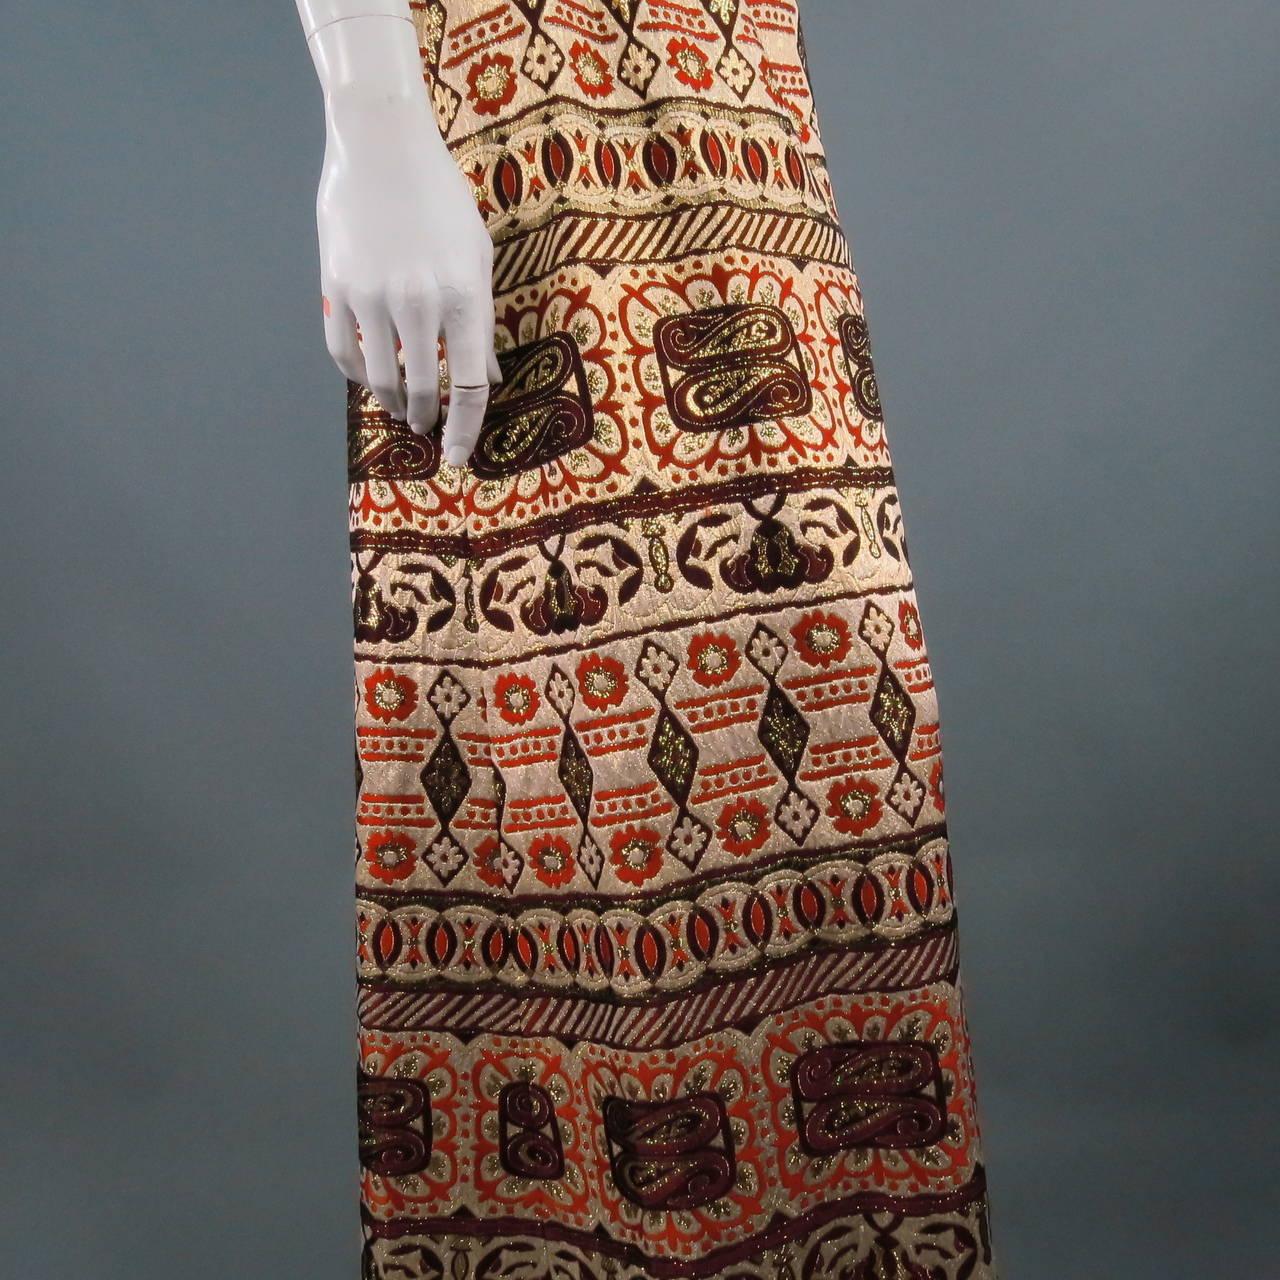 Vintage OSCAR DE LA RENTA Size 2 Gold Brocade Evening Gown 8